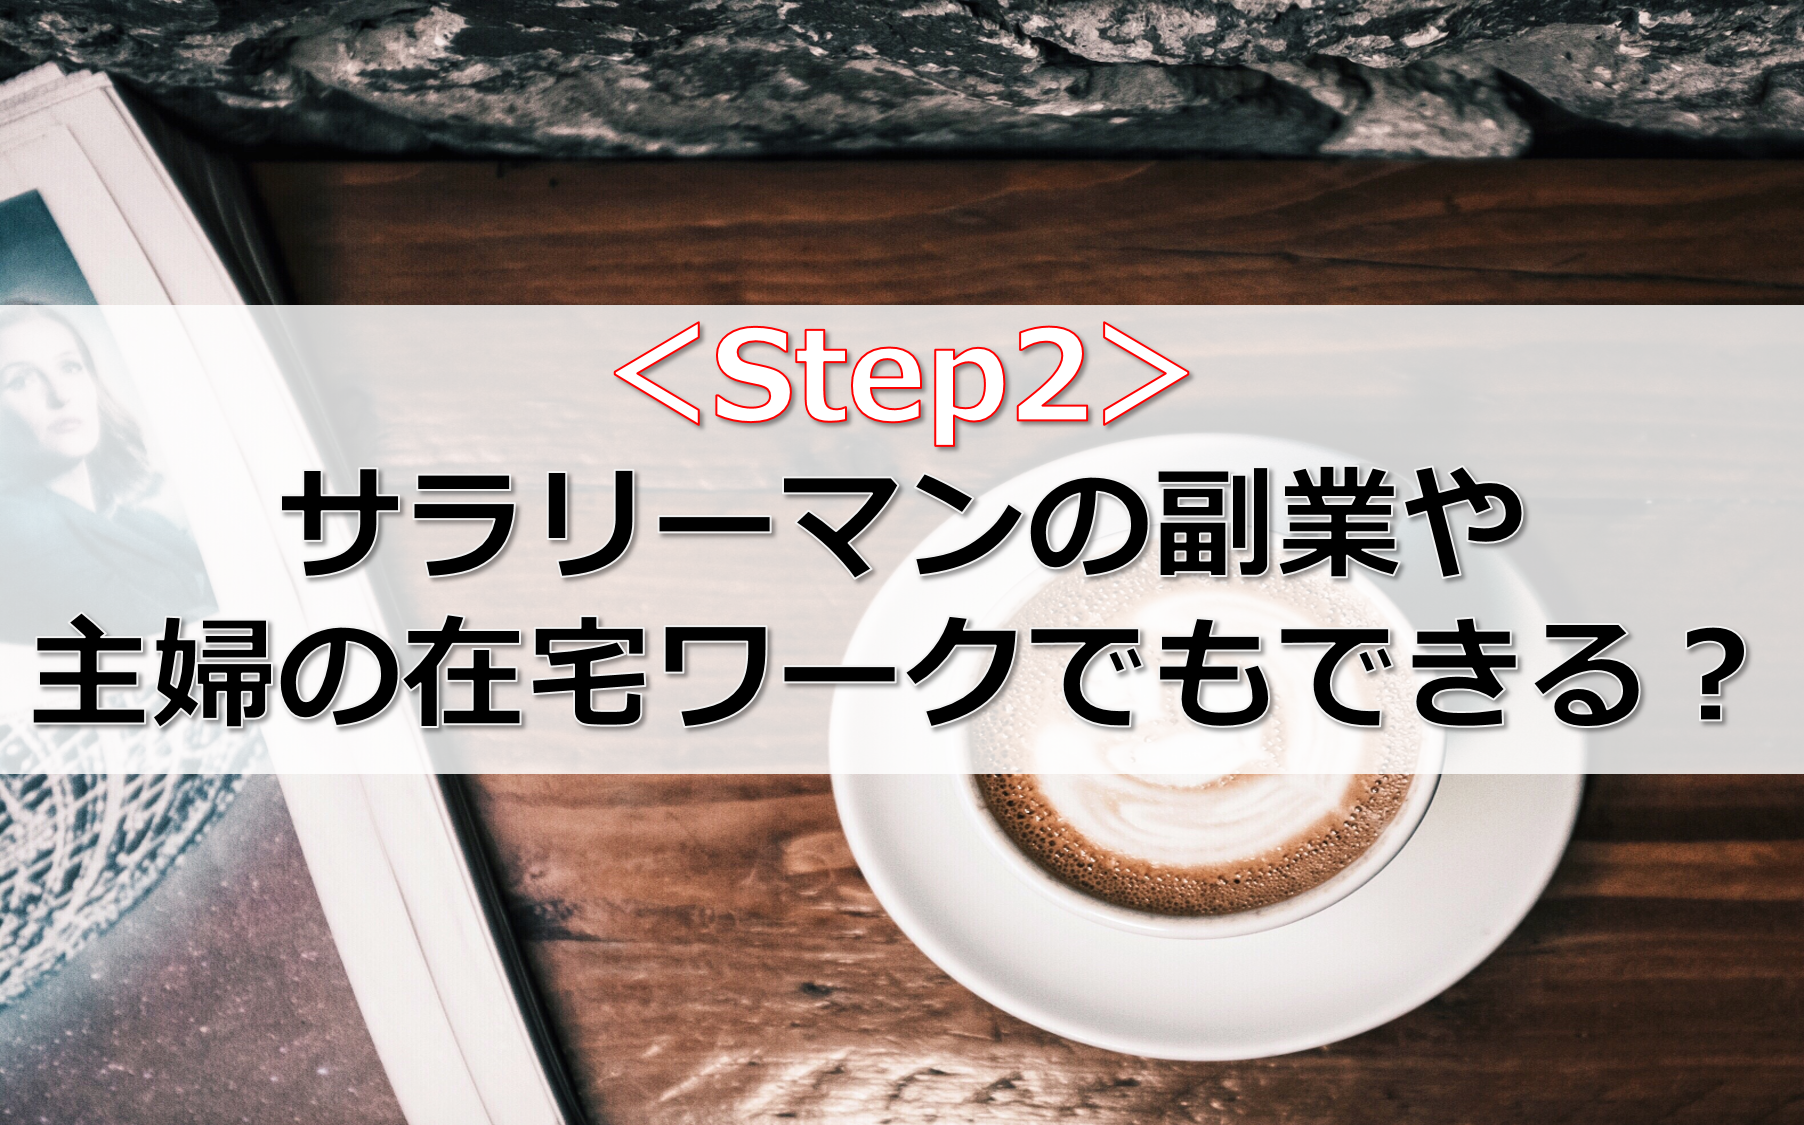 <Step2>個人輸入ビジネスってサラリーマンの副業や主婦の在宅ワークでもできる?